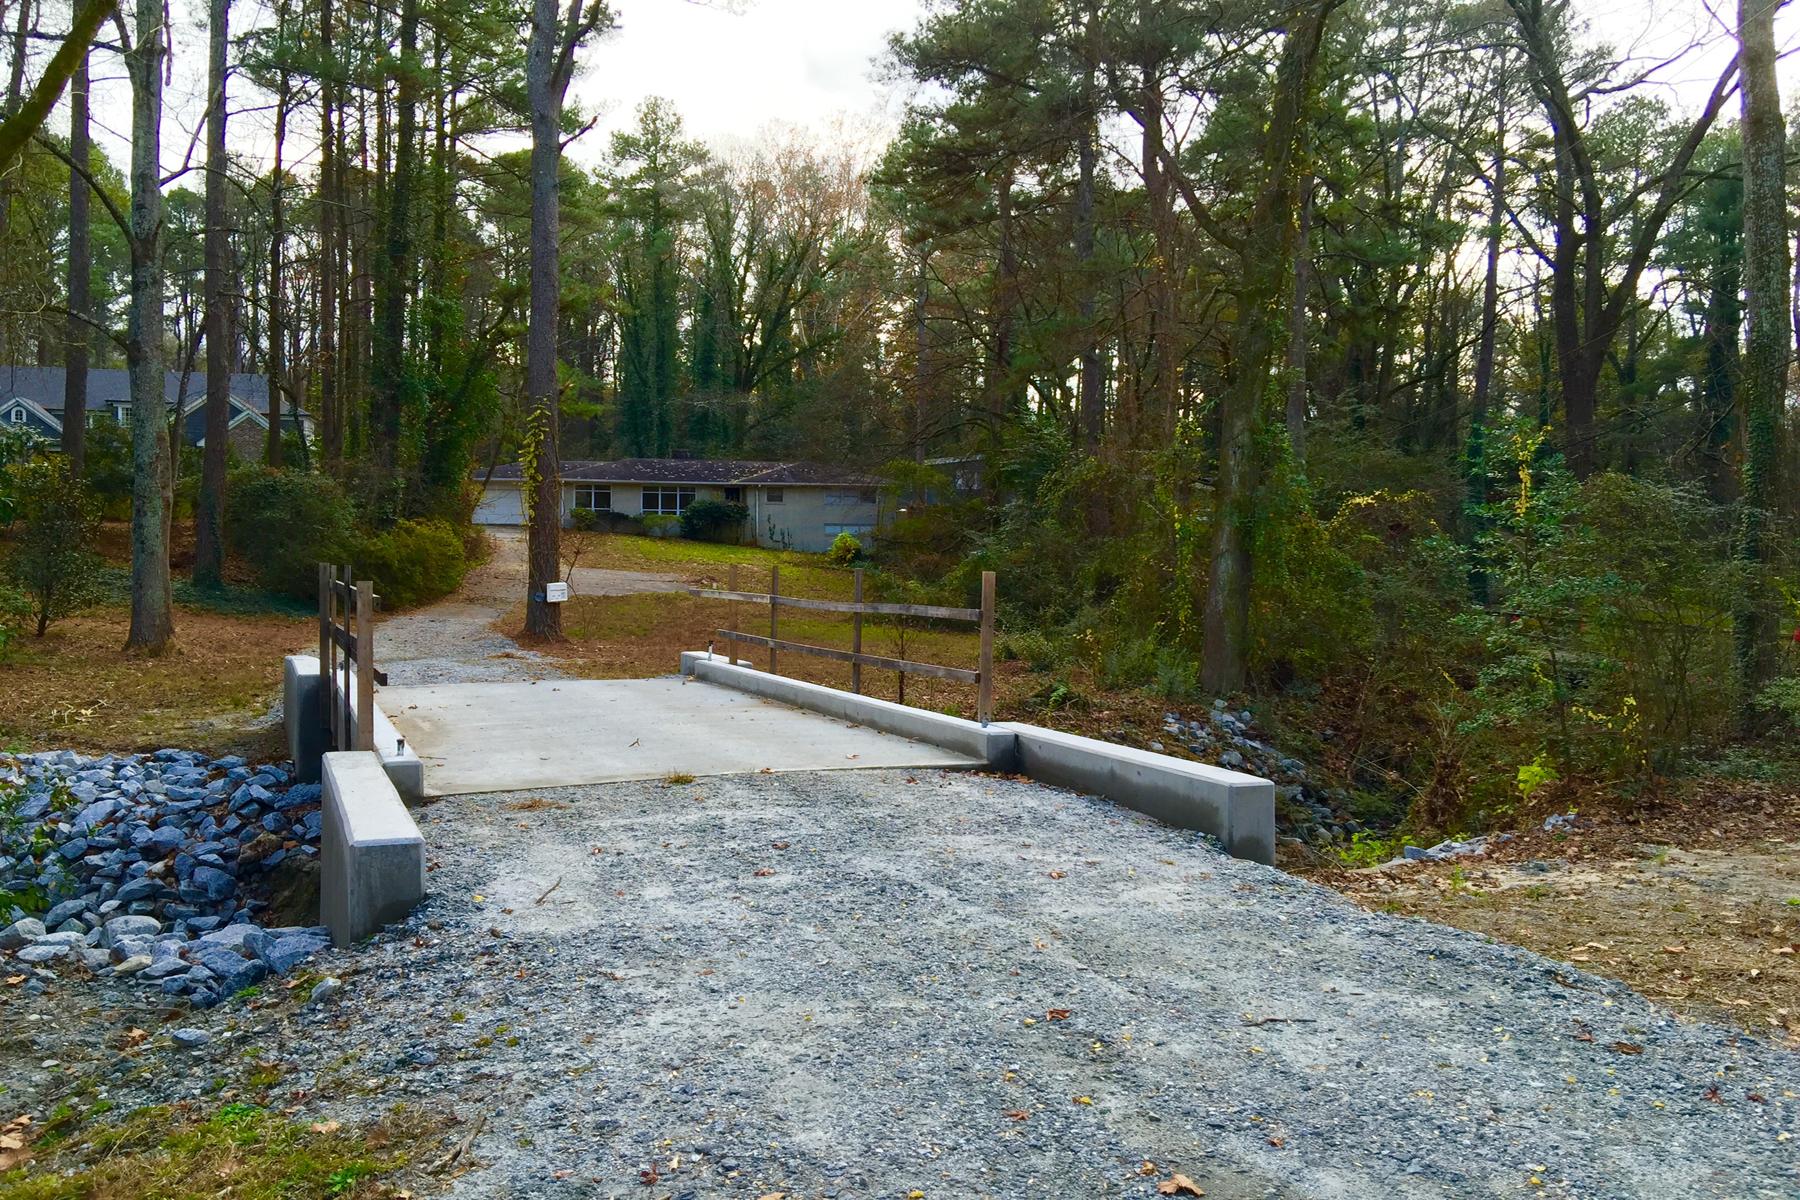 단독 가정 주택 용 매매 에 Beautiful Flat Acre And A Half Property On A Quiet Street 1085 Ferncliff Road NE Pine Hills, Atlanta, 조지아, 30324 미국